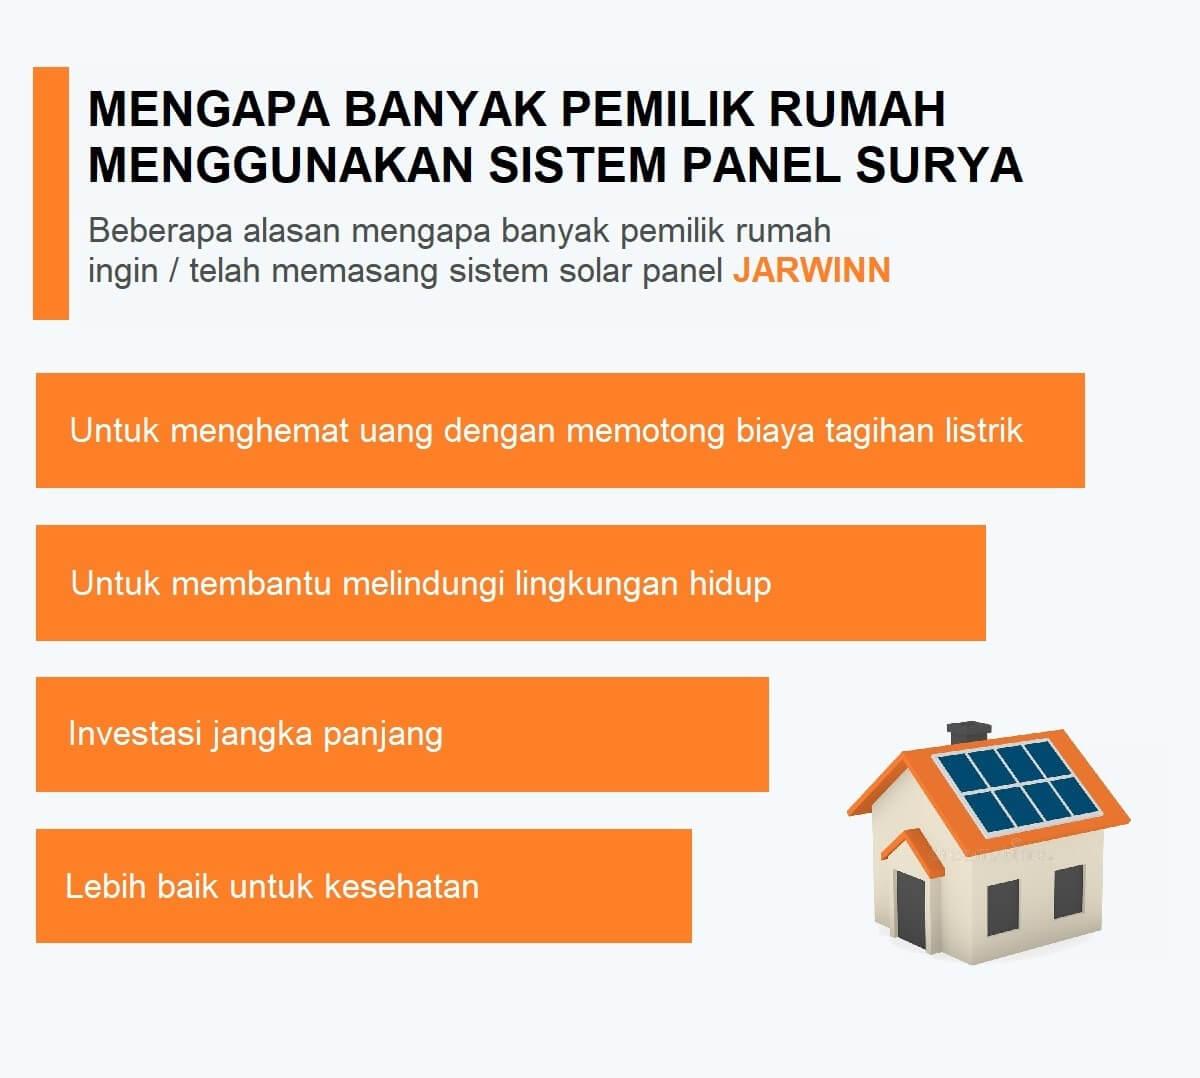 Berbagai alasan mengapa banyak pemilik rumah yang beralih menggunakan sistem panel surya jarwinn: menghemat tagihan listrik, melindungi lingkungan hidup, investasi jangka panjang, dan baik untuk kesehatan